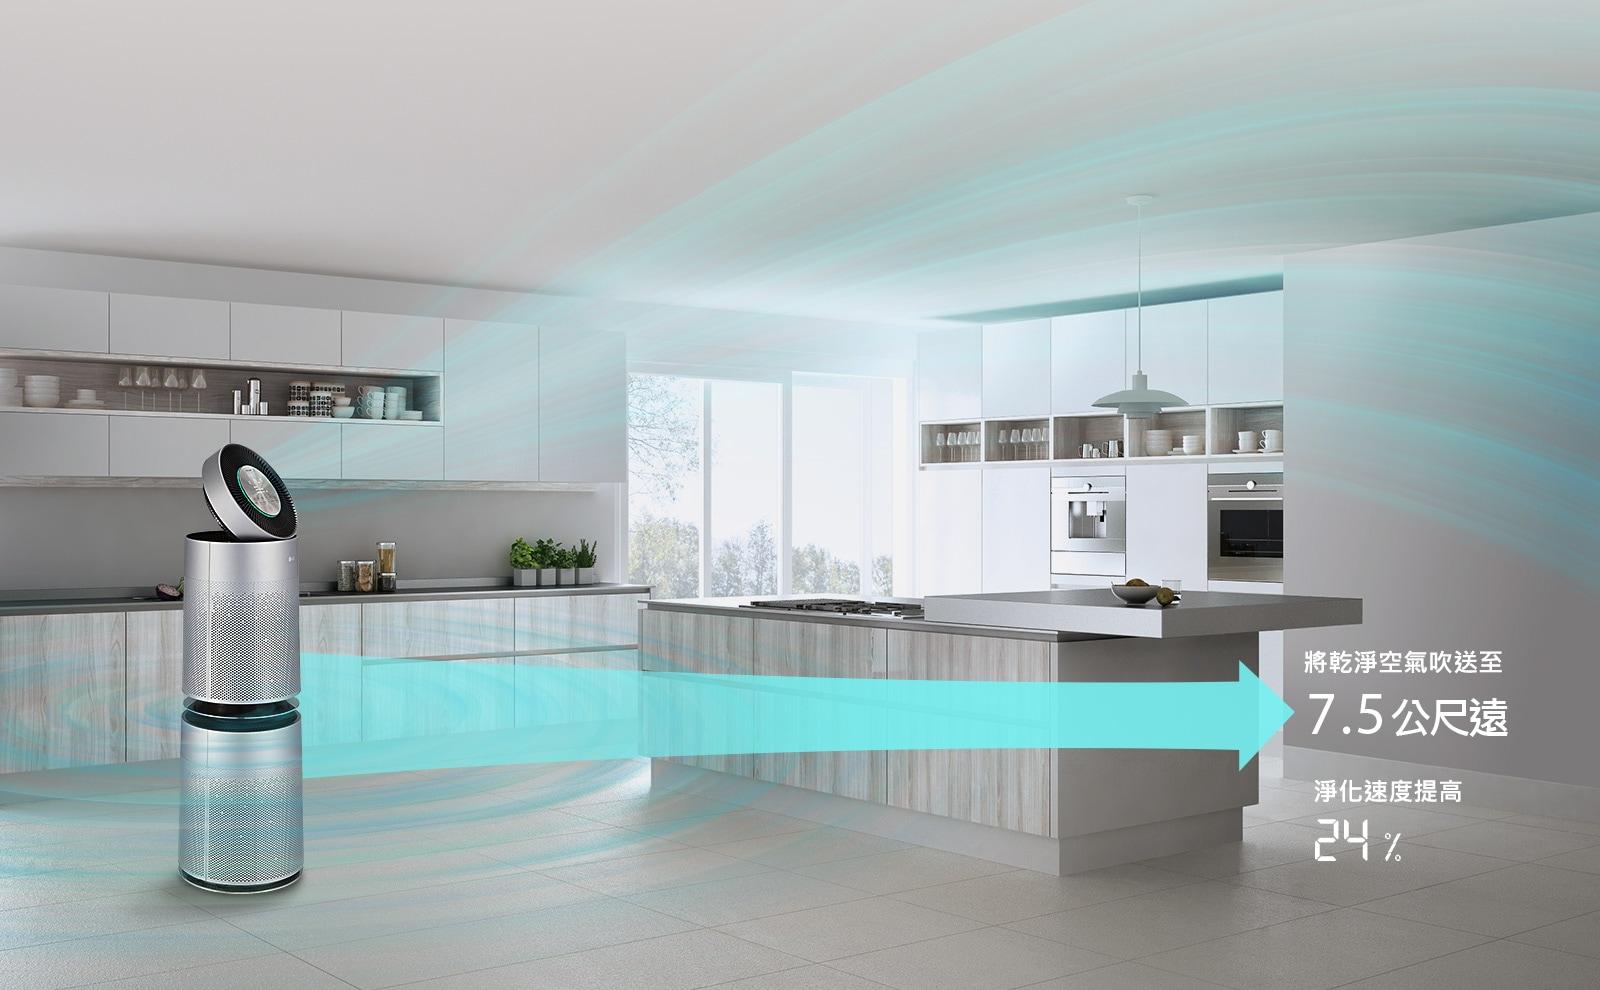 畫面左側的空氣清淨機座落於廚房。清淨的空氣從機器吹出,可見可達到 7.5 公尺,比其他機器高出 24%。